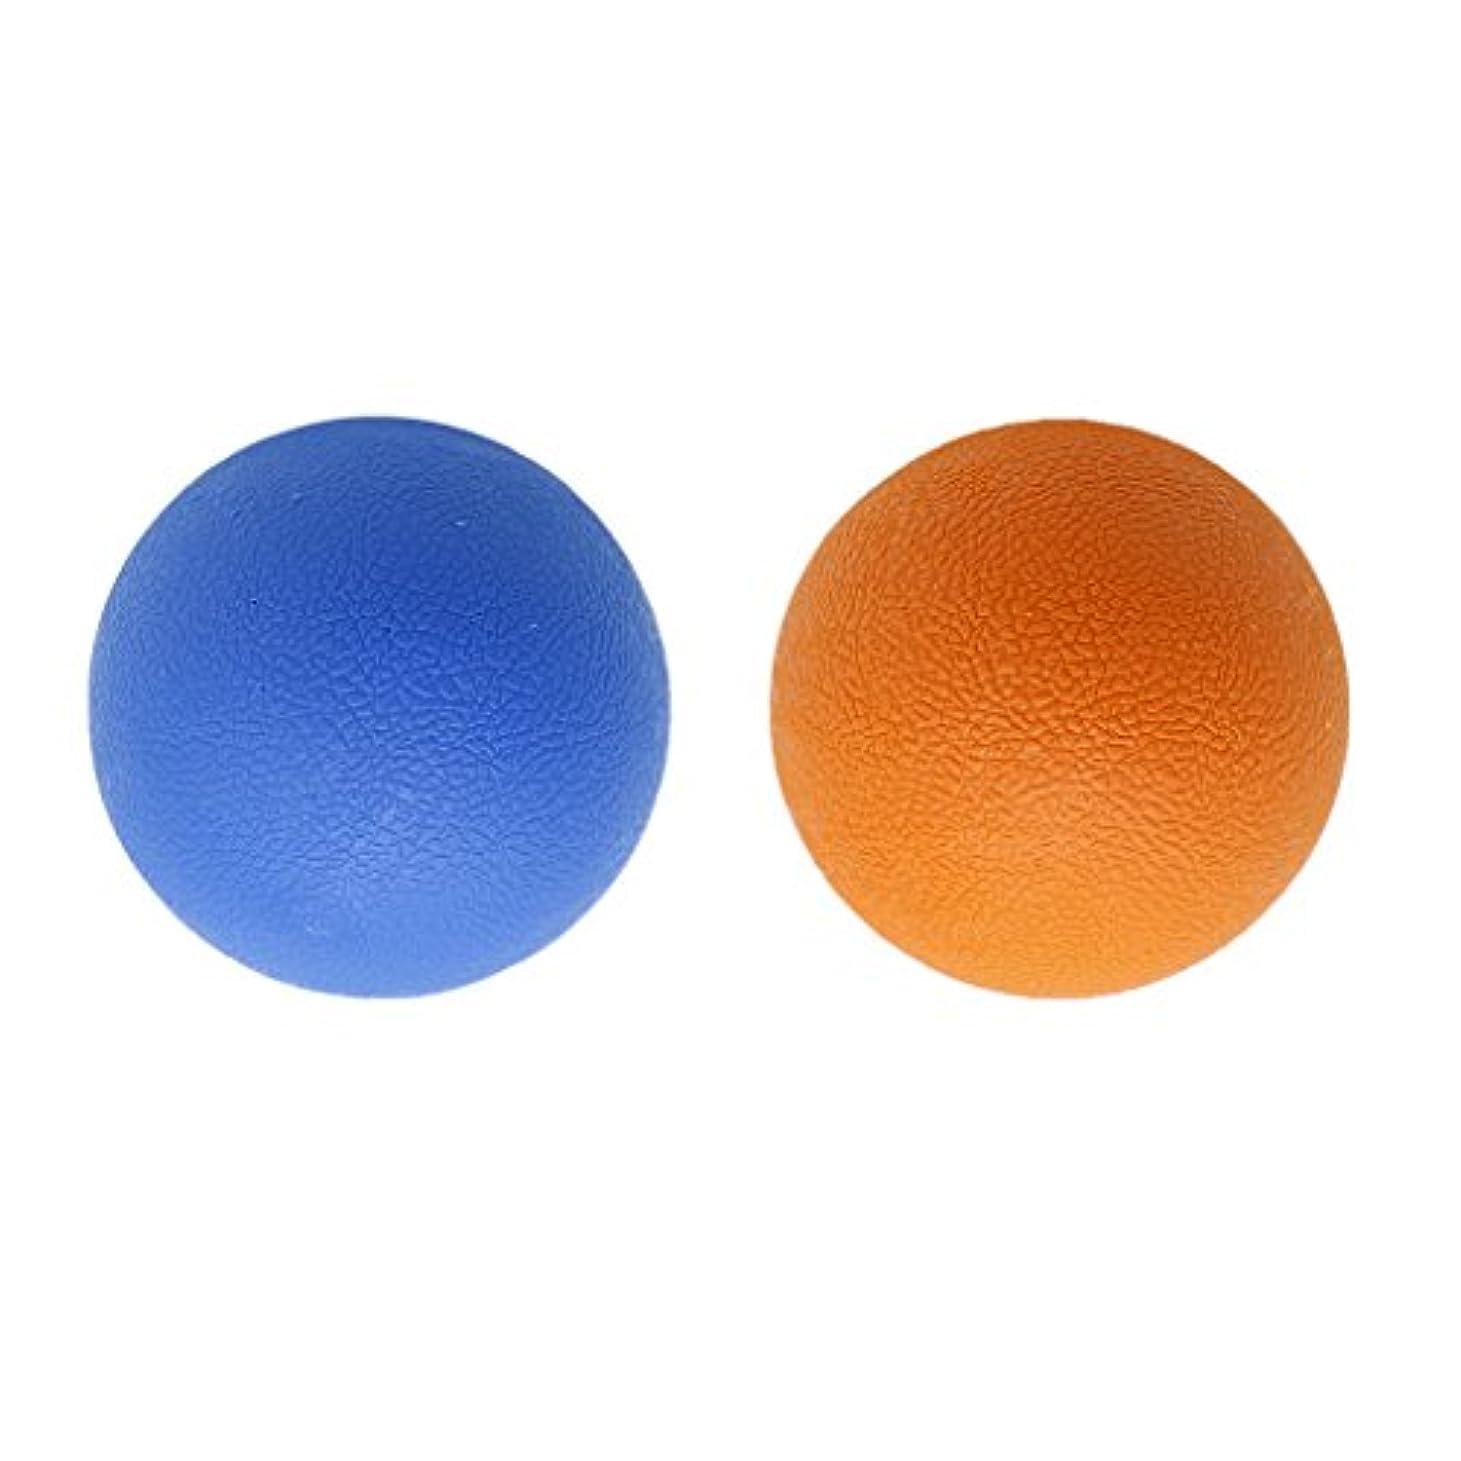 バンケット下に画家2個 マッサージボール ラクロスボール トリガ ポイントマッサージ 弾性TPE 多色選べる - オレンジブルー